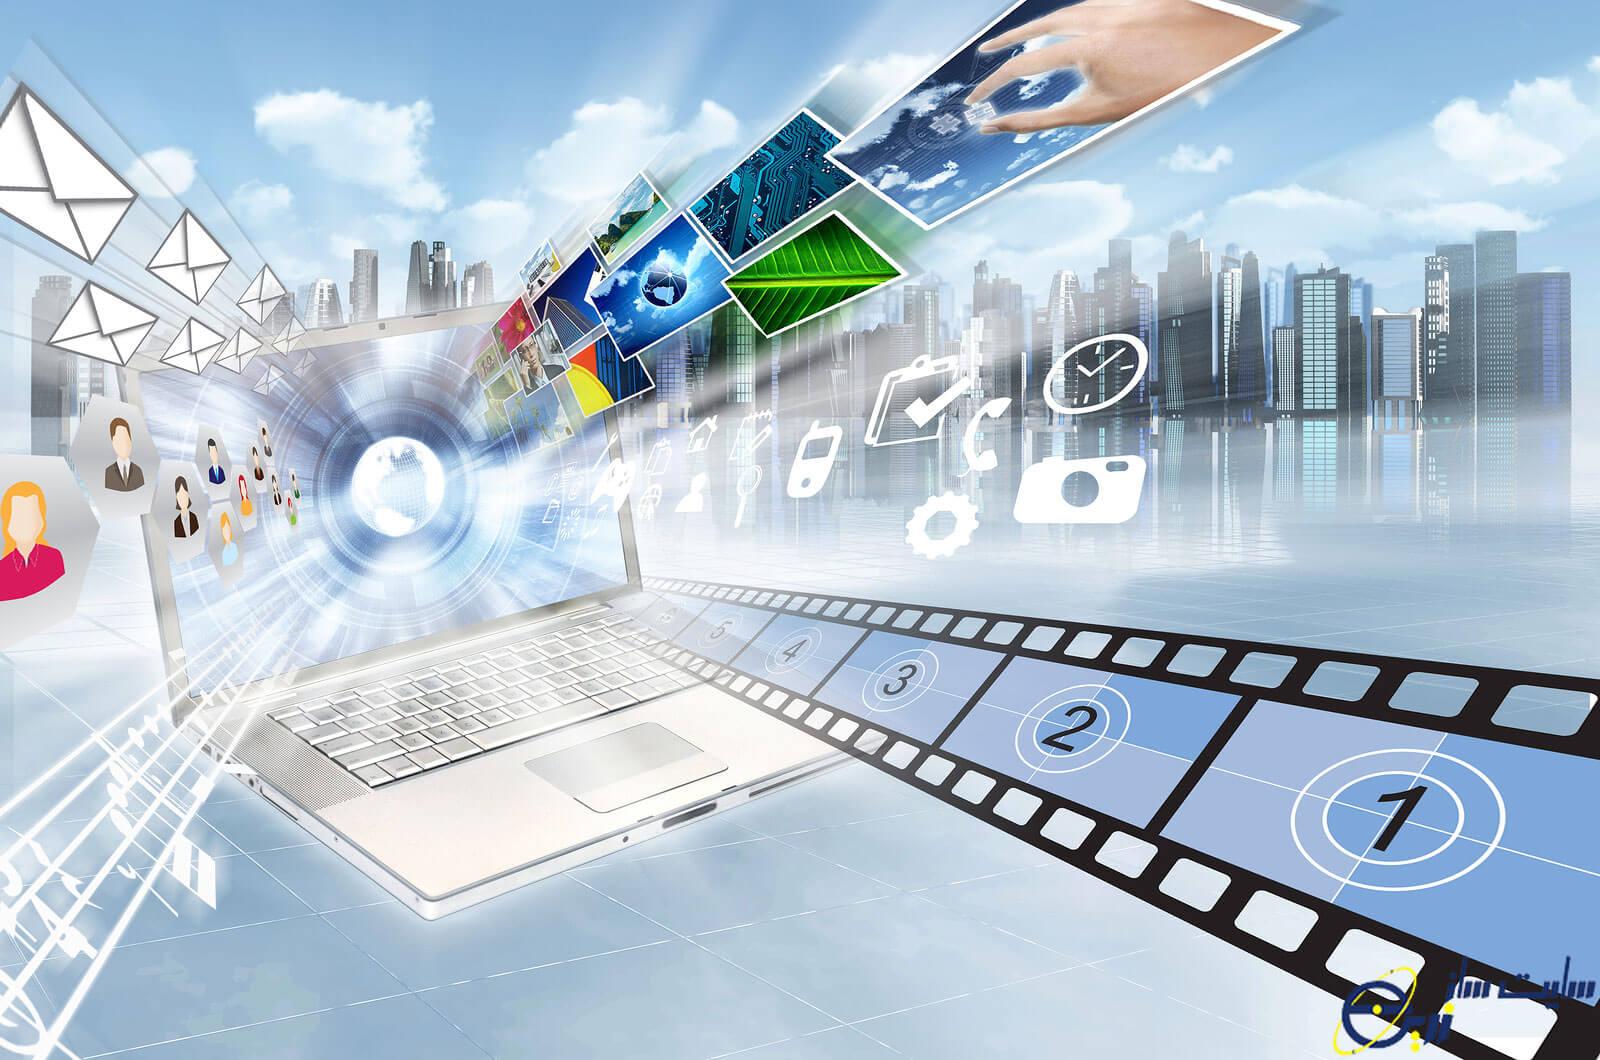 نقش ویدئو مارکتینگ در کسب و کارها